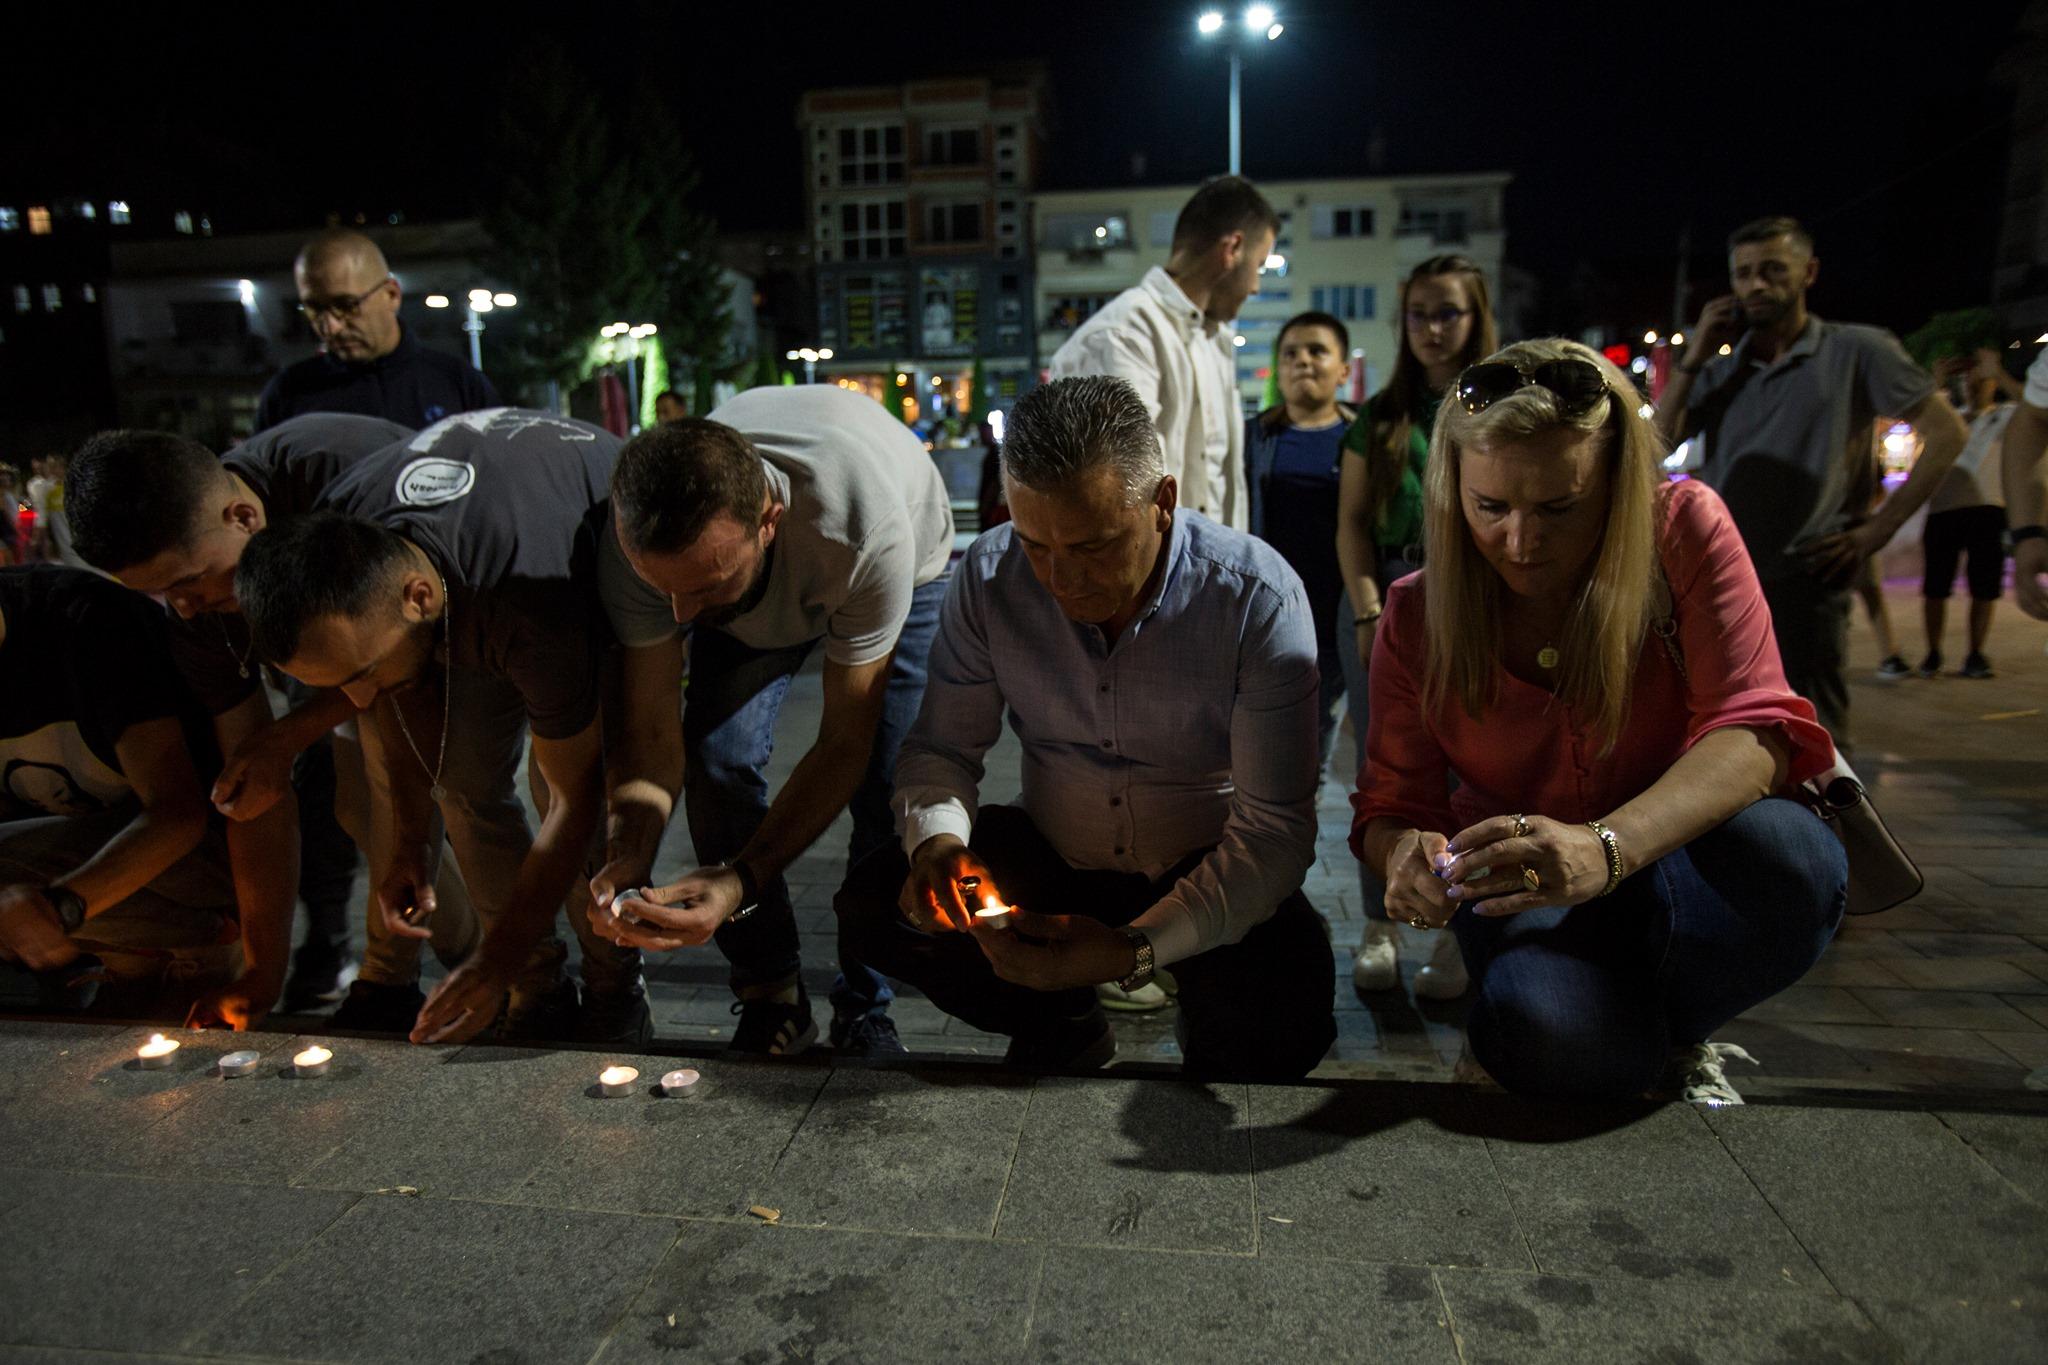 Ndizen qirinj në nderim të shqiptarëve që humbën jetën nga aksidenti tragjik në Kroaci